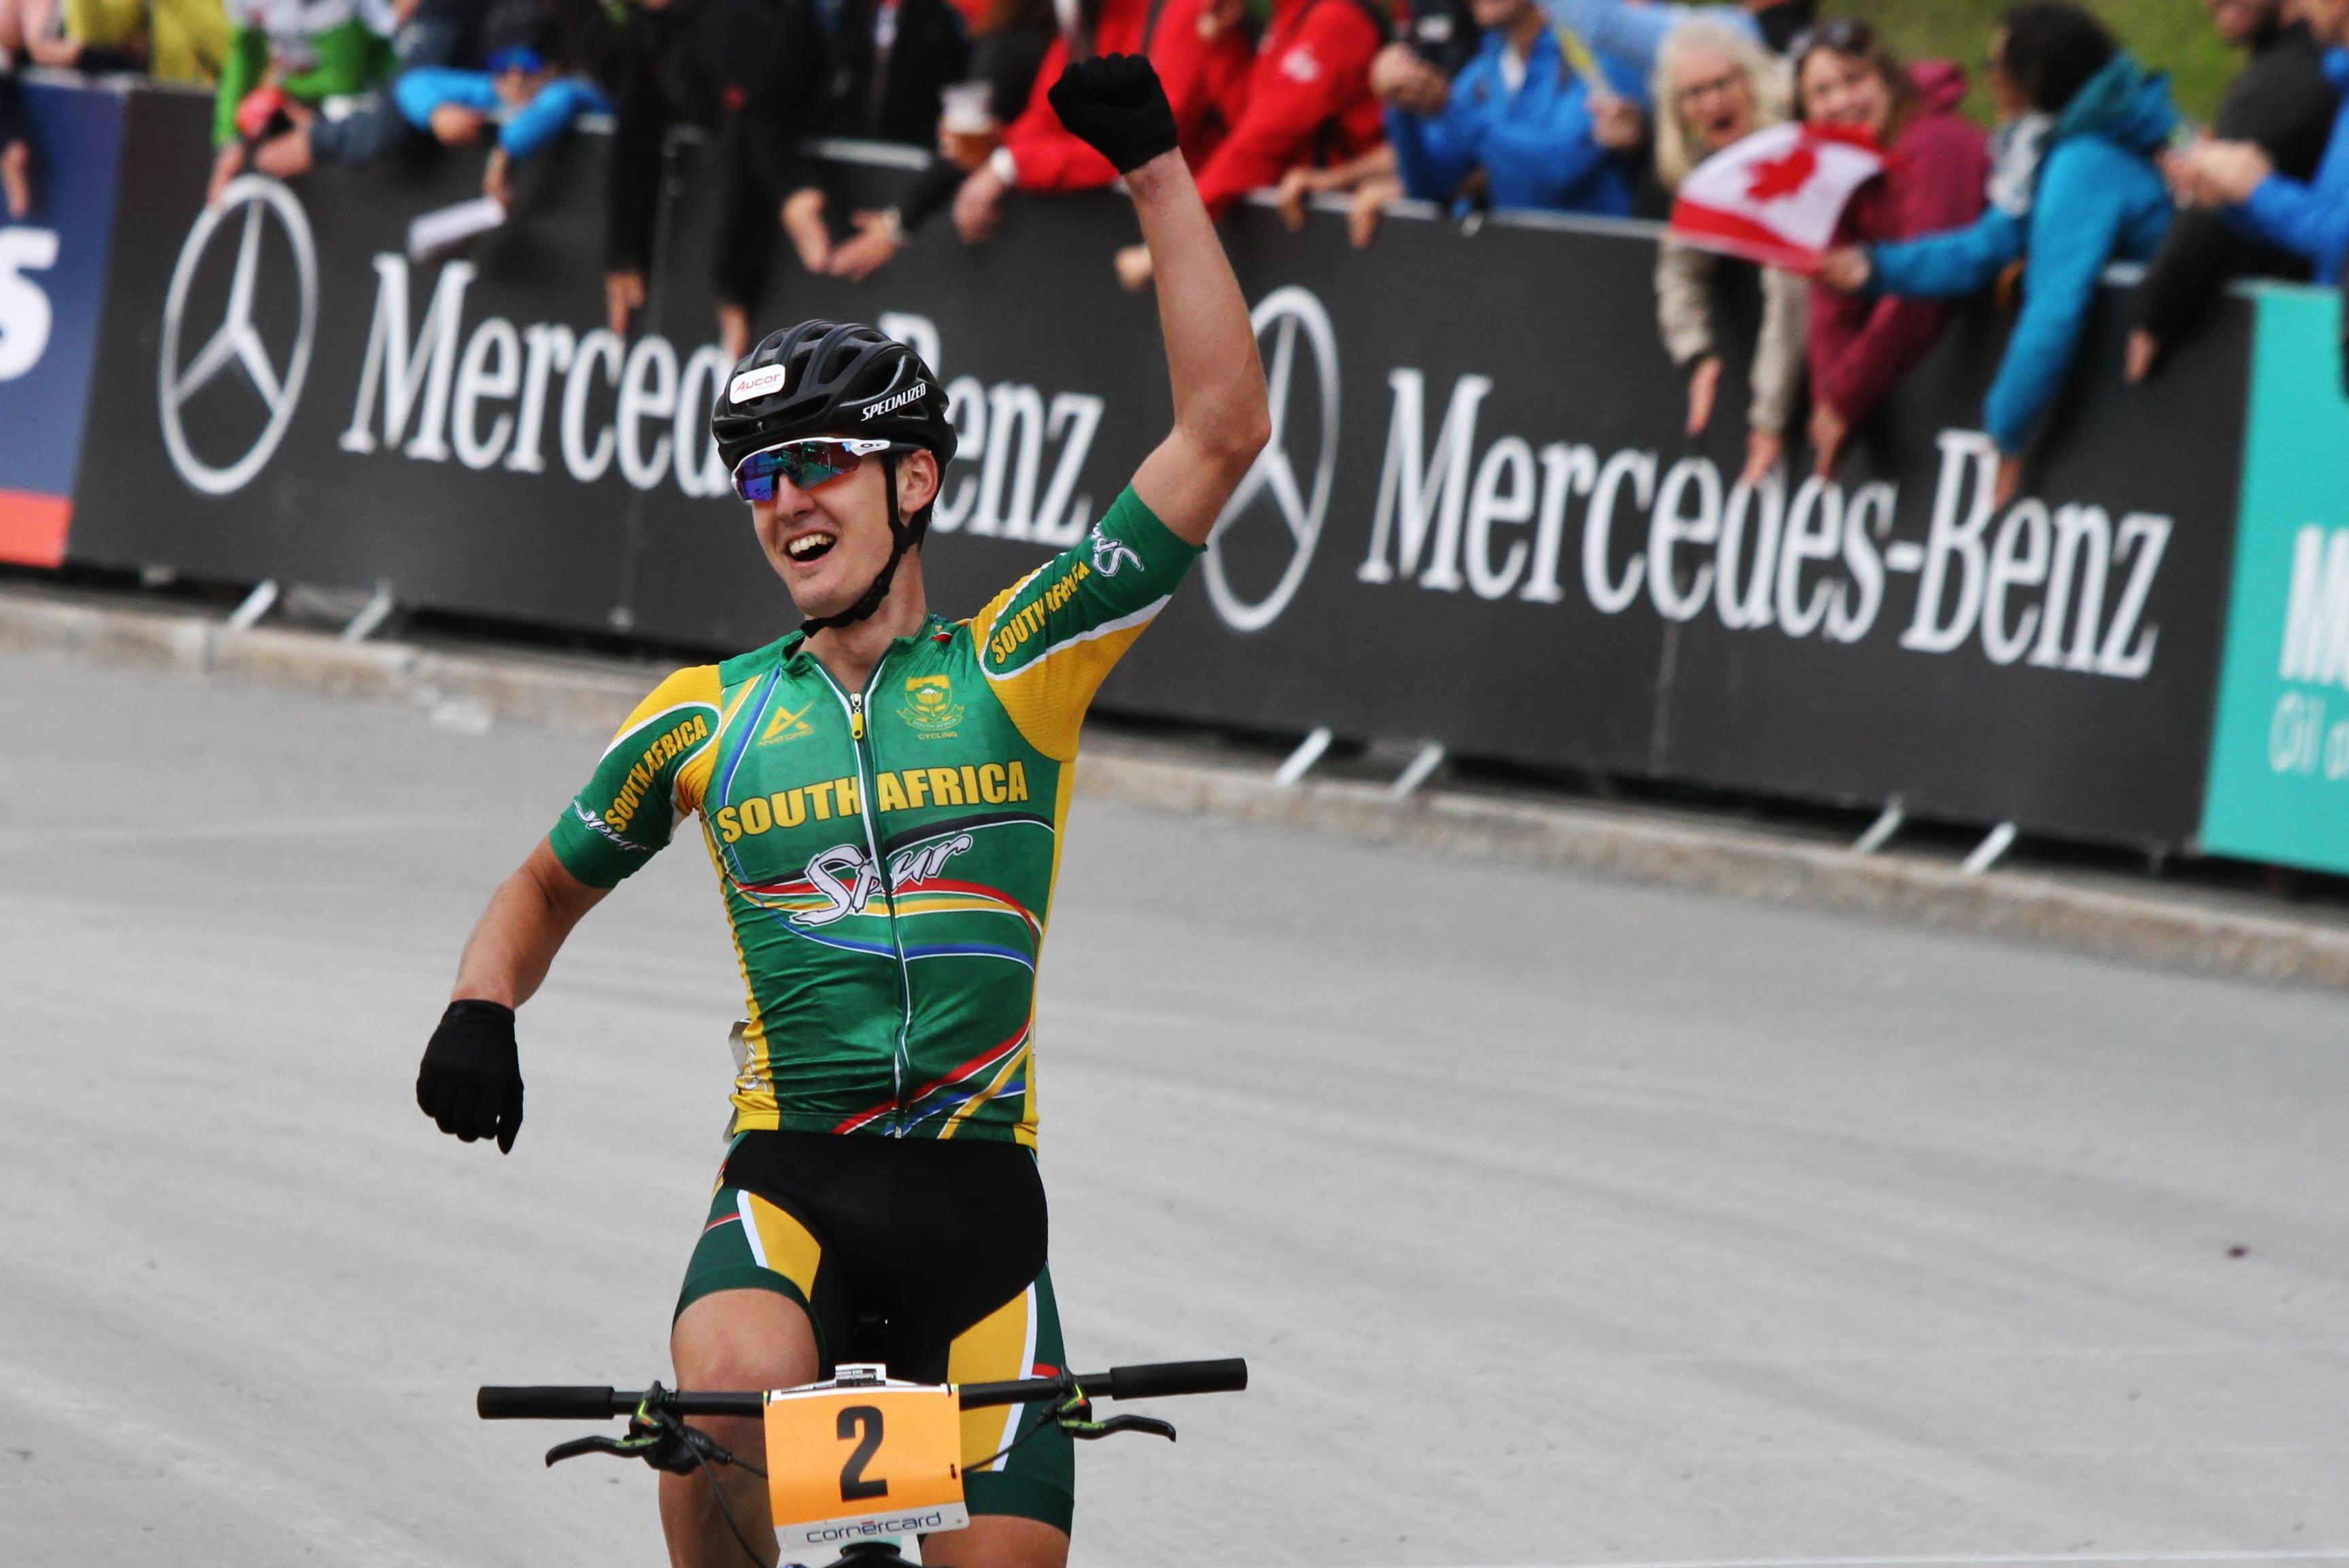 Alan Hatherly is wereldkampioen bij de U23 in Lenzerheide